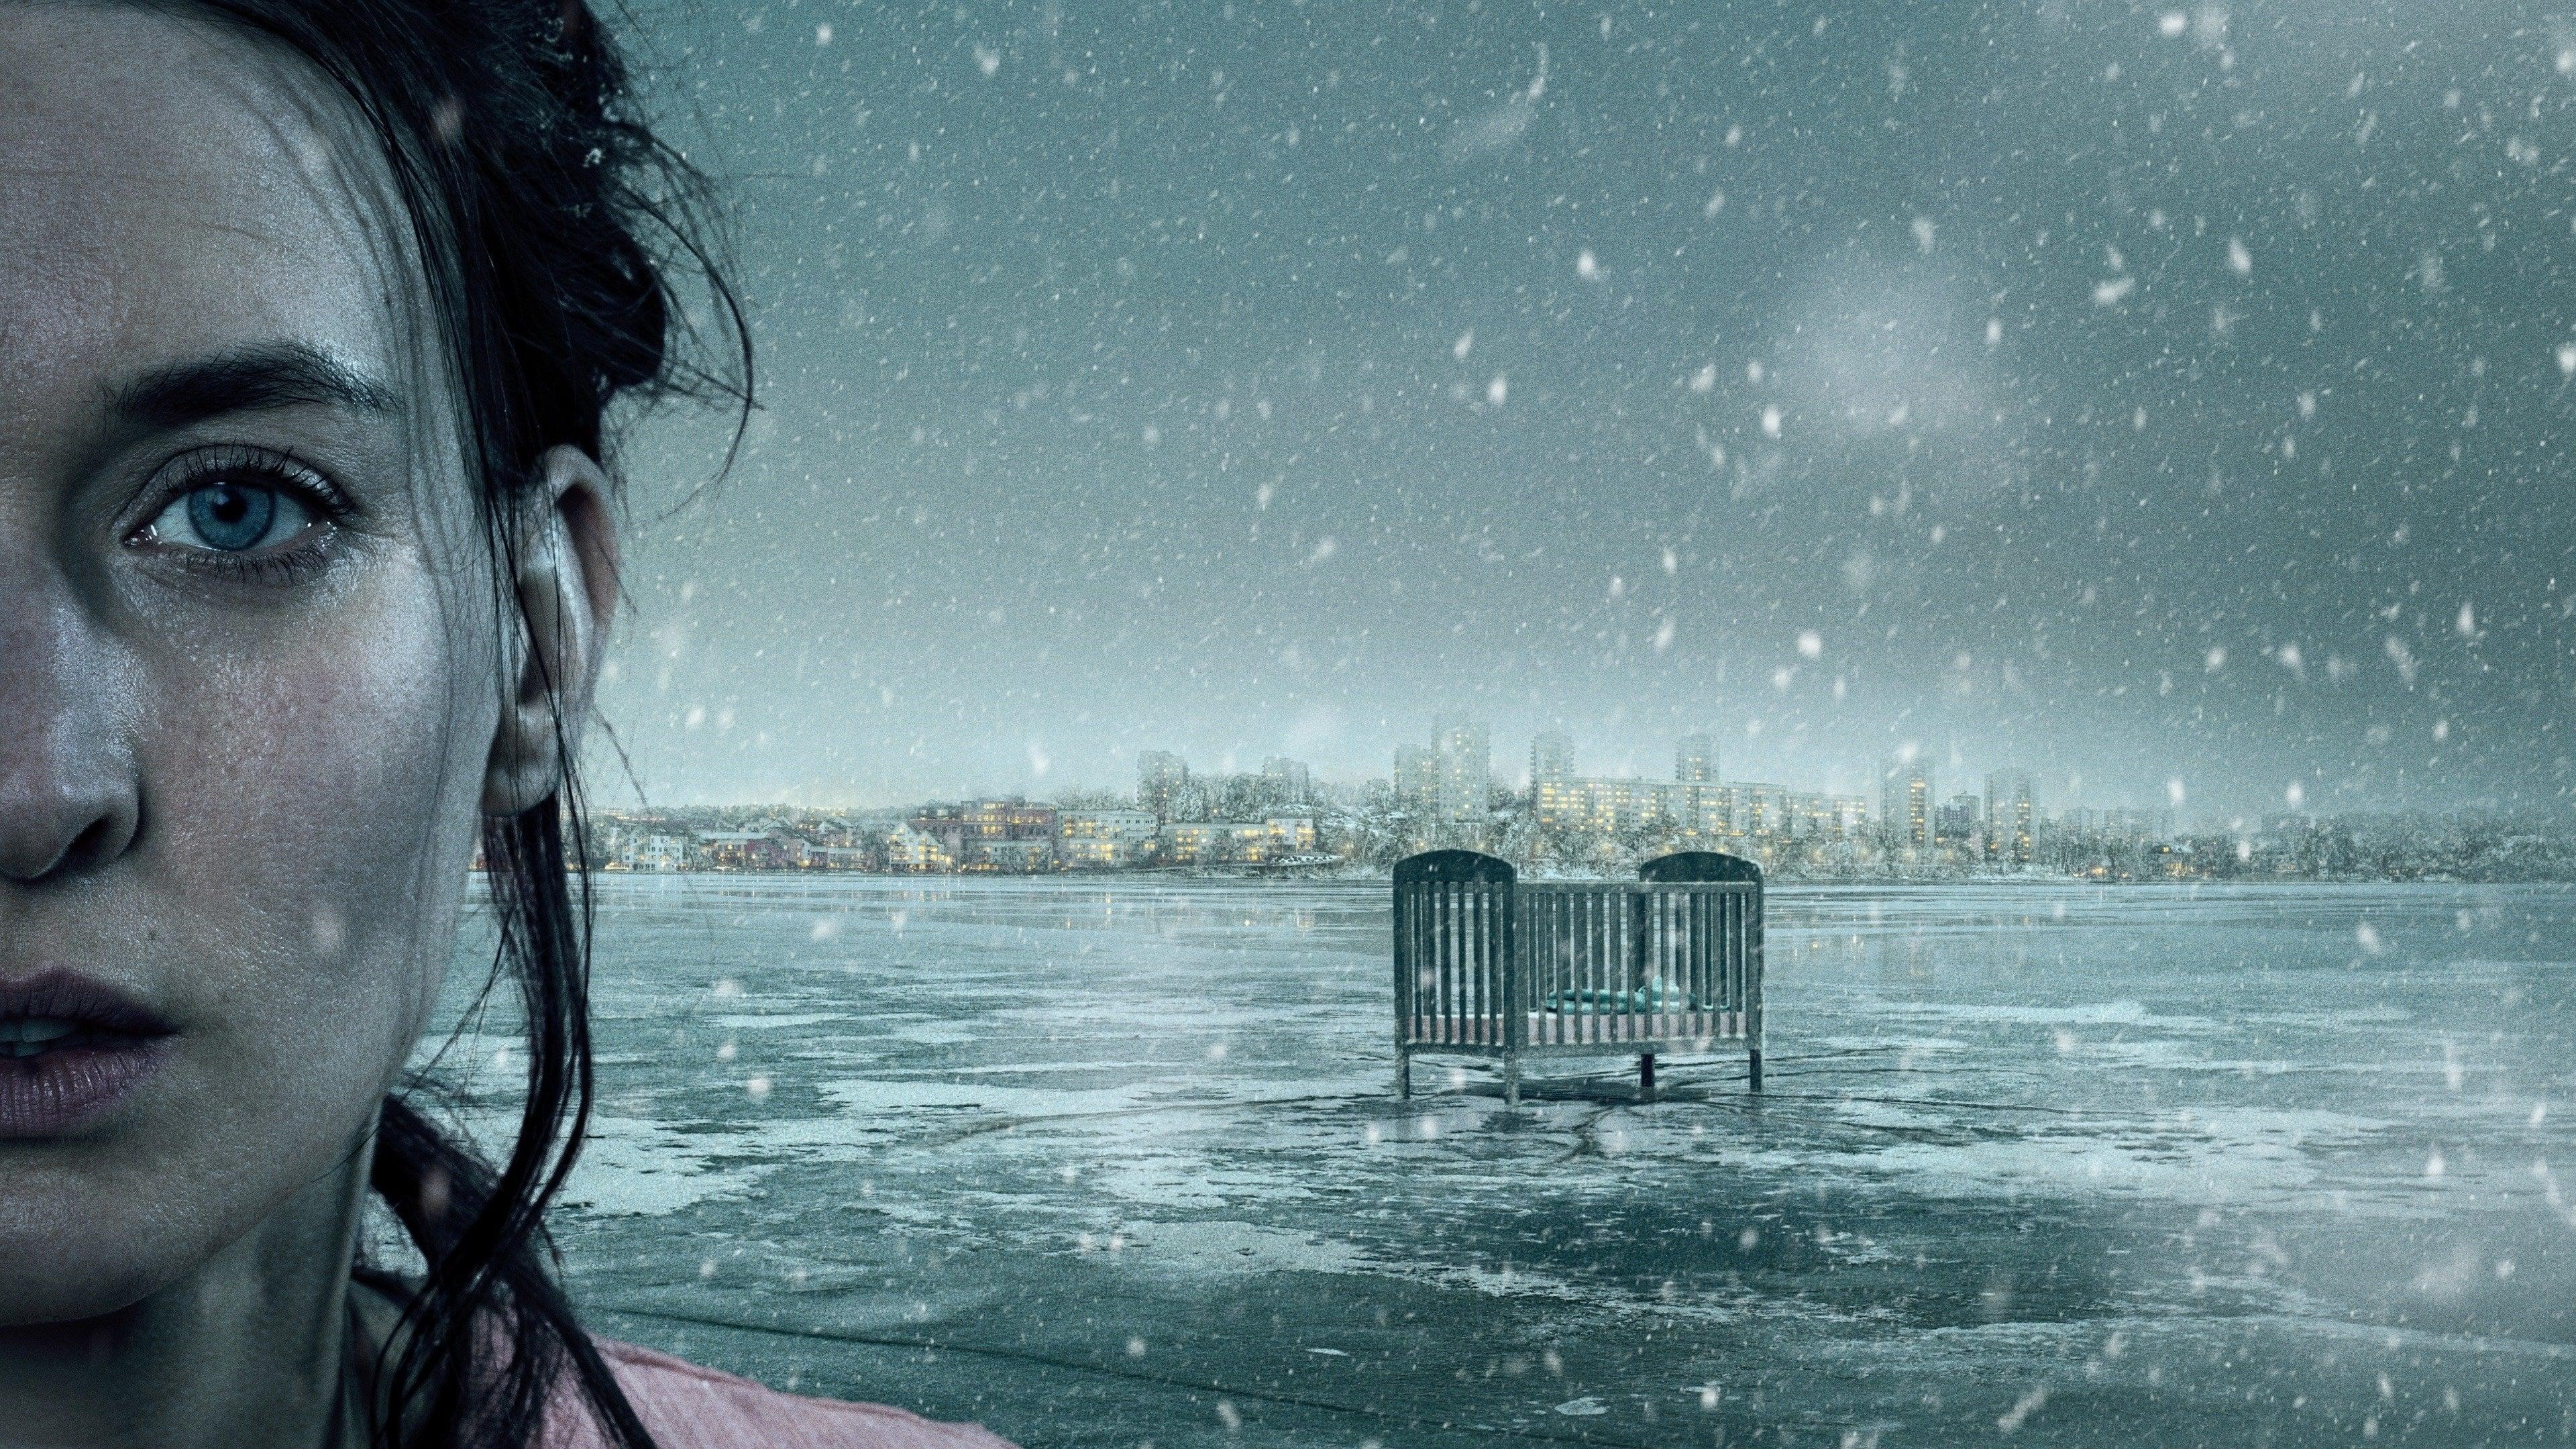 Maak kans op het eerste seizoen van Snöänglar (Snow Angels)